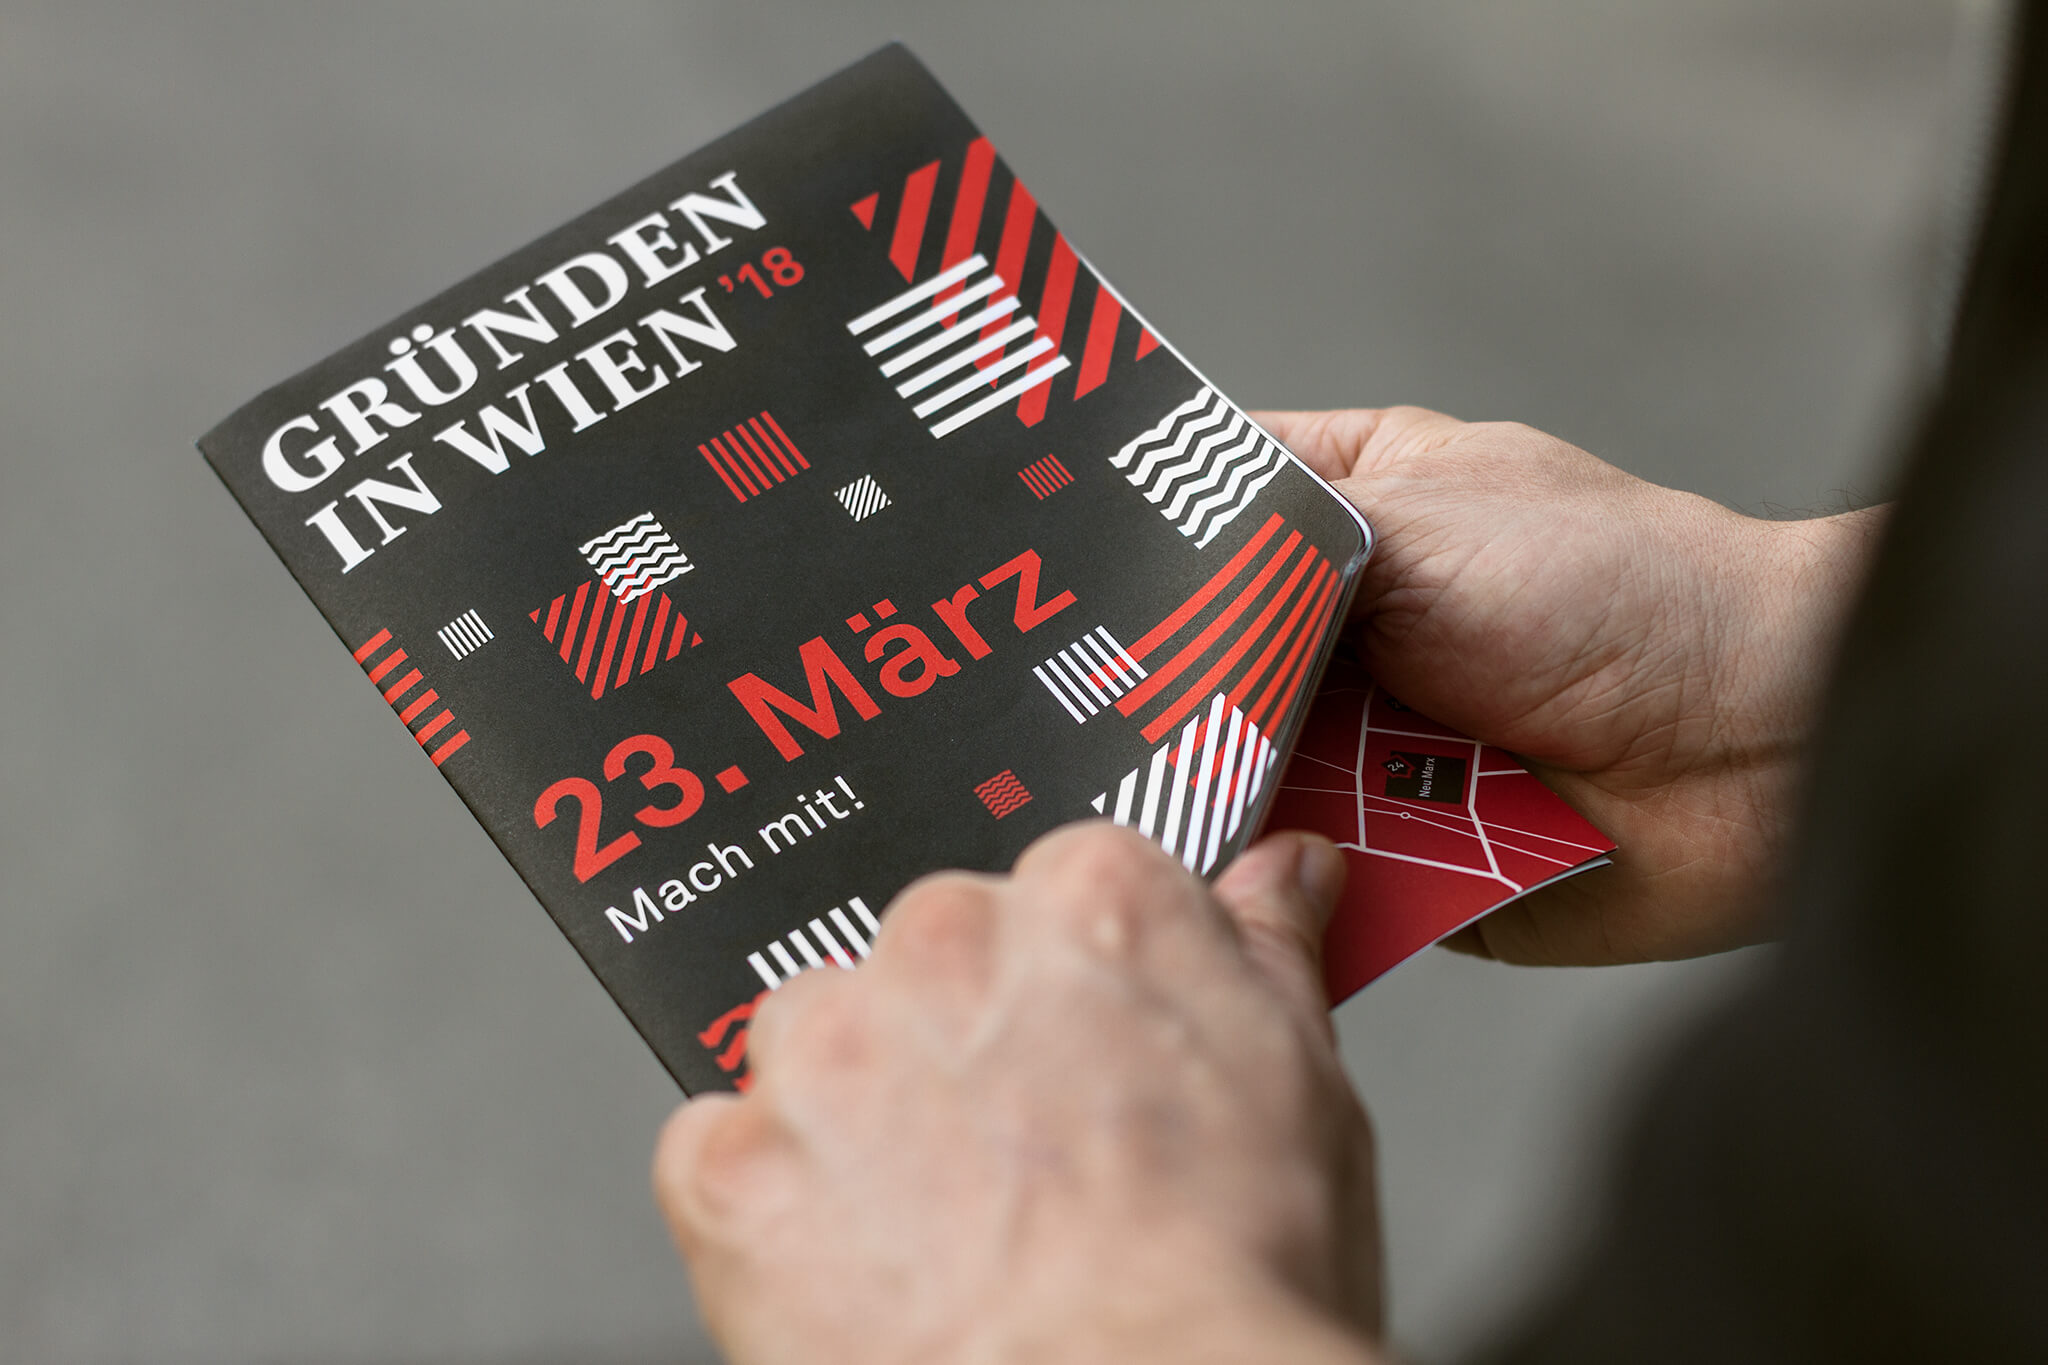 Gründen in Wien Folder mit schwarz-rot-weißem Pattern